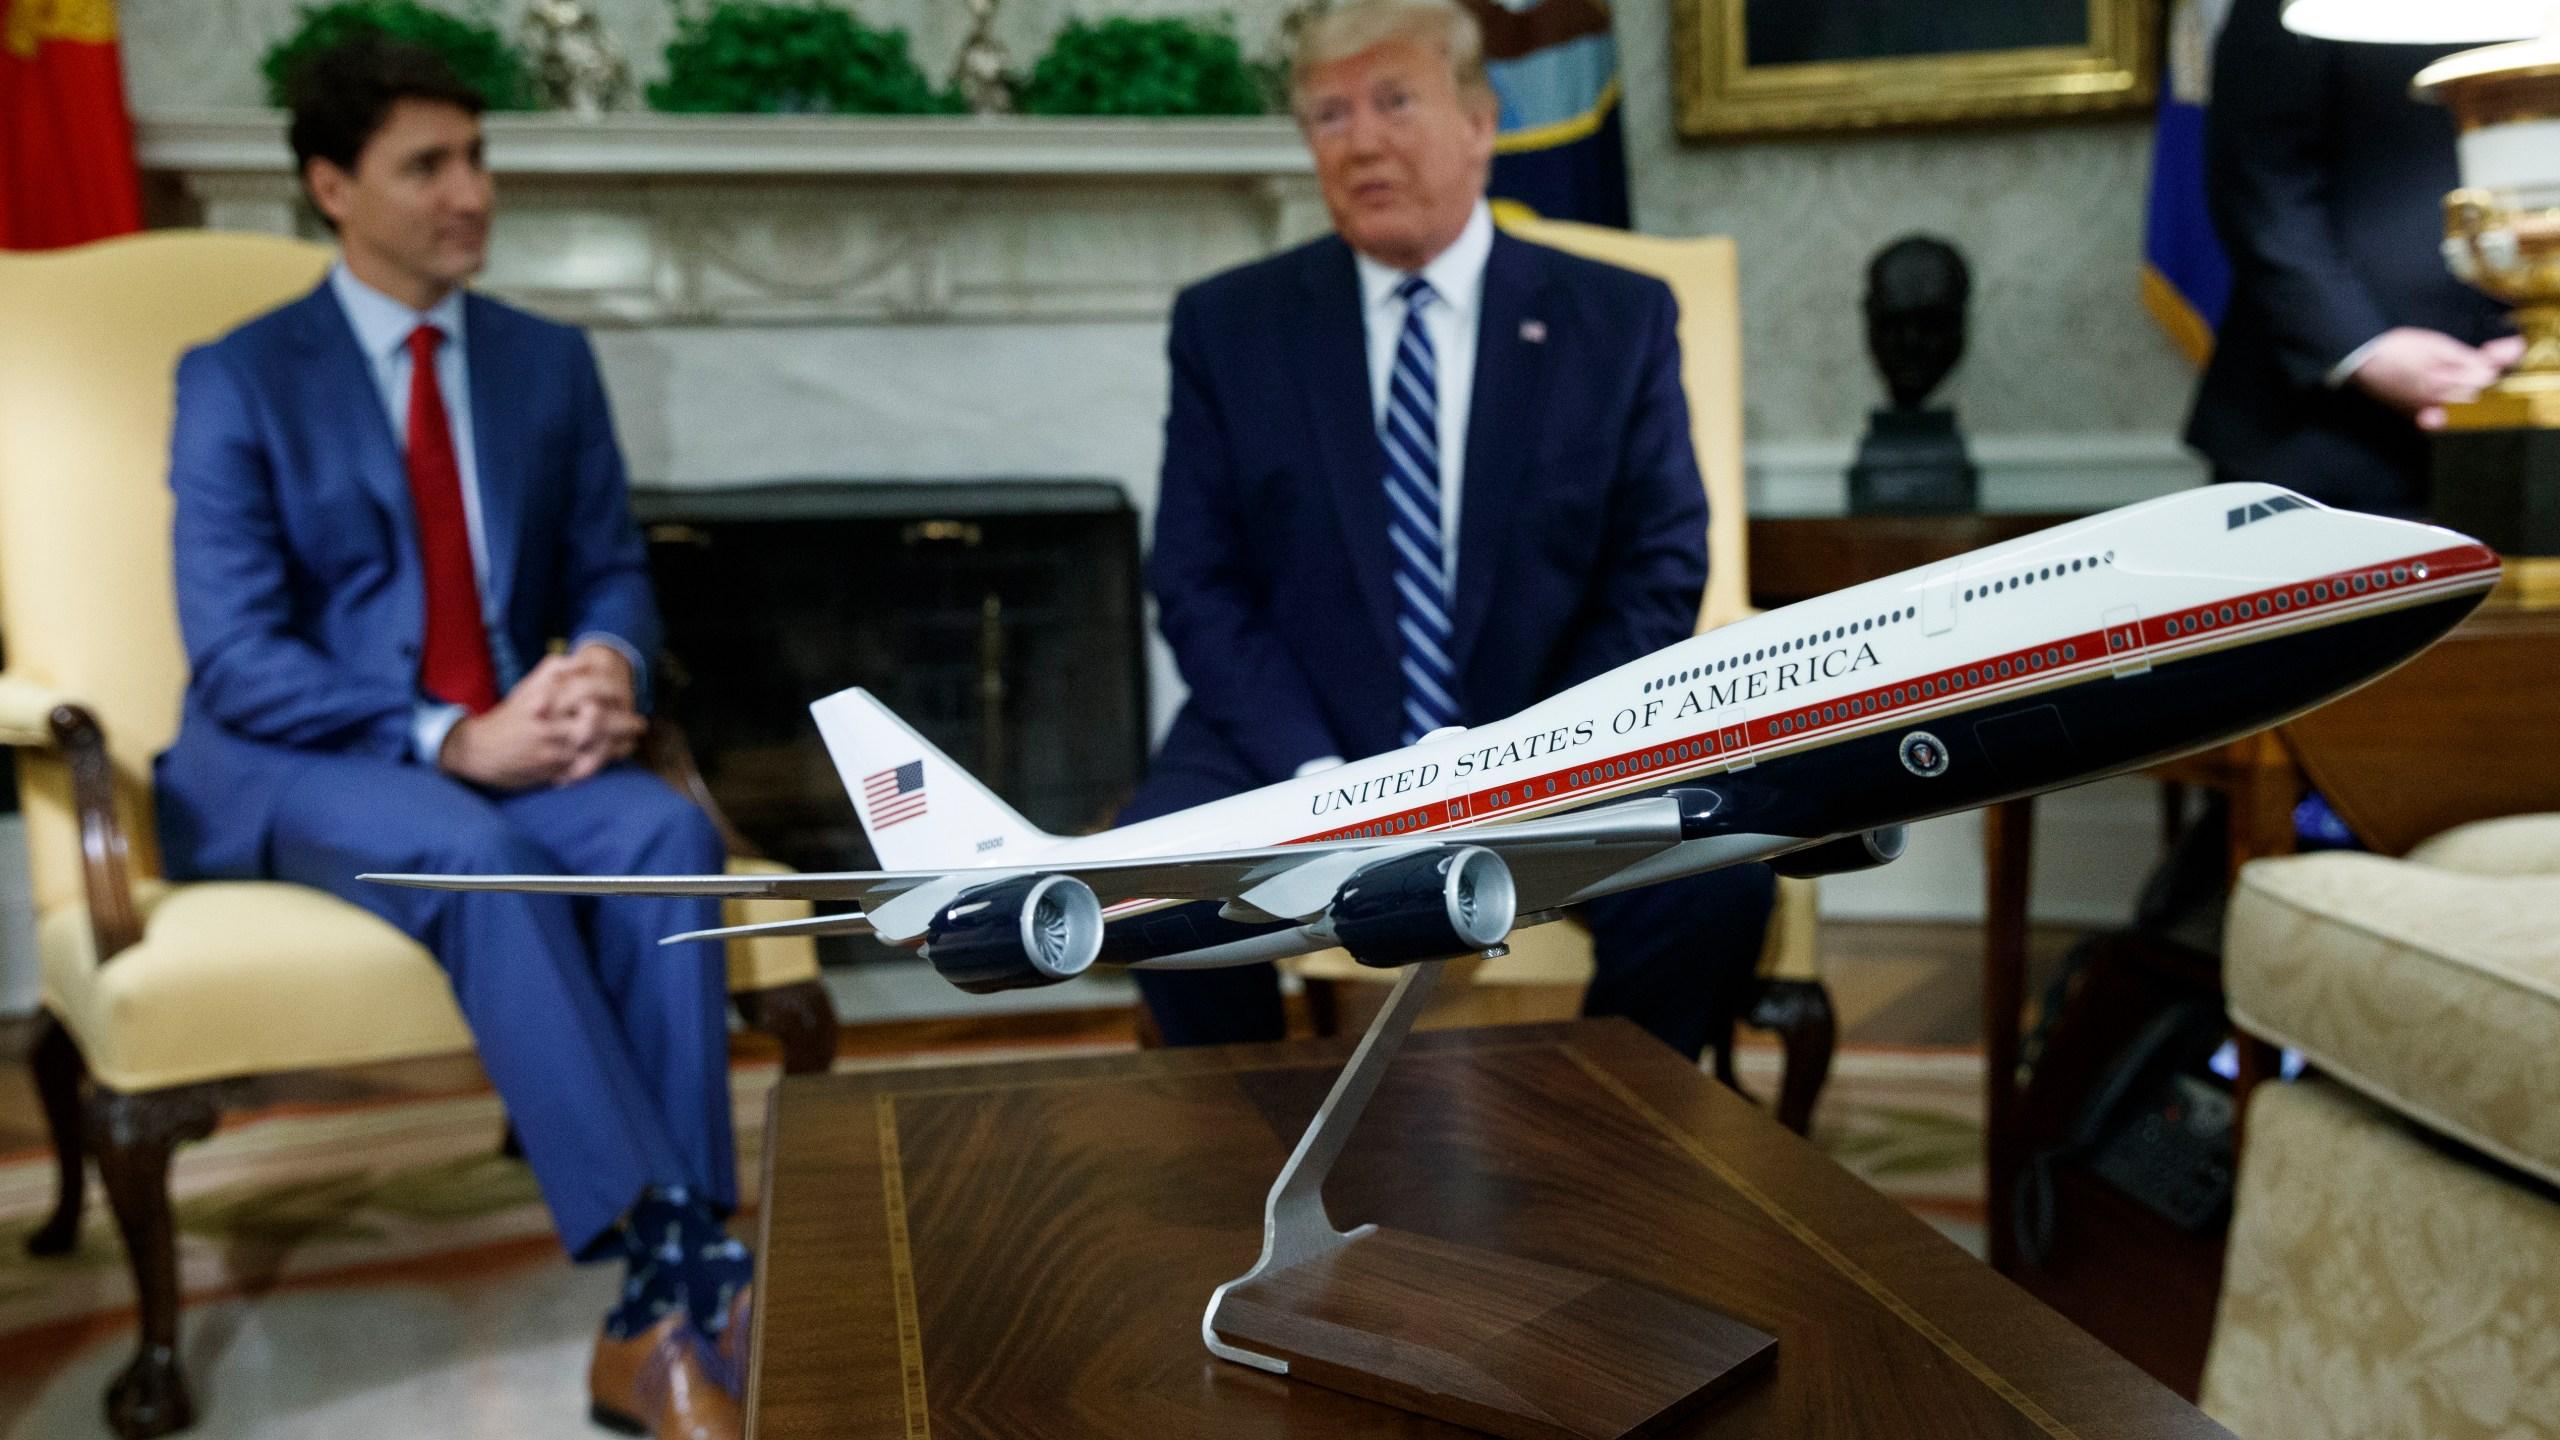 Trump_Air_Force_One_35733-159532.jpg26843119